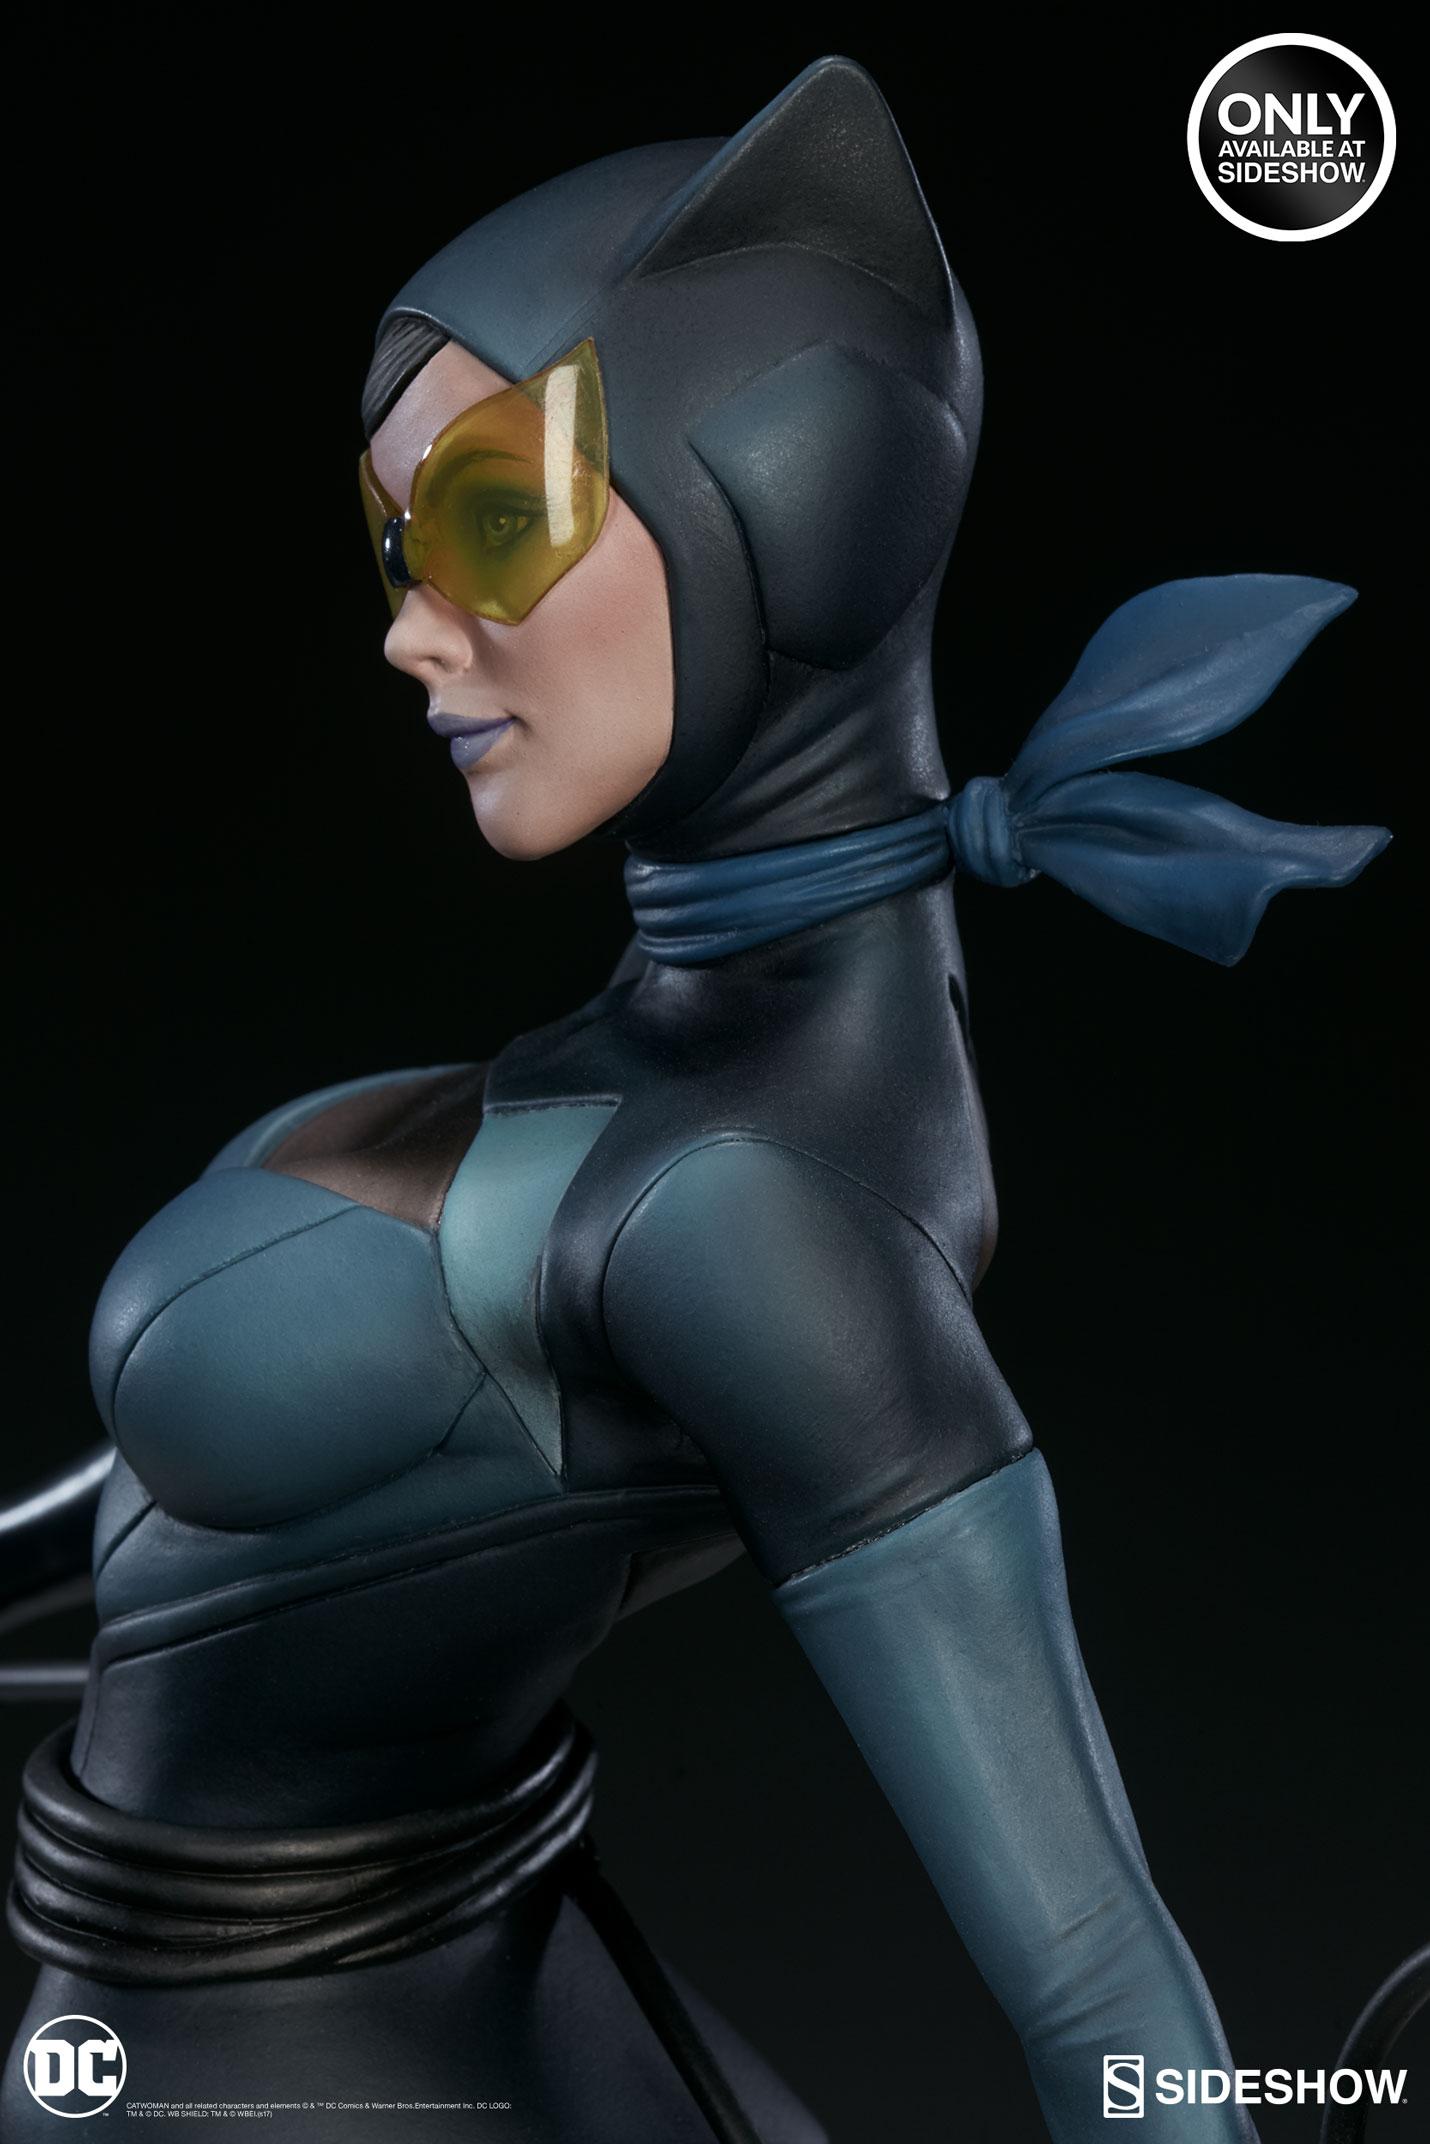 dc-comics-catwoman-statue-stanley-artgerm-lau-artist-series-200428-10 Figurines - Harley Quinn - Catwoman et Poison Ivy vues par Artgerm